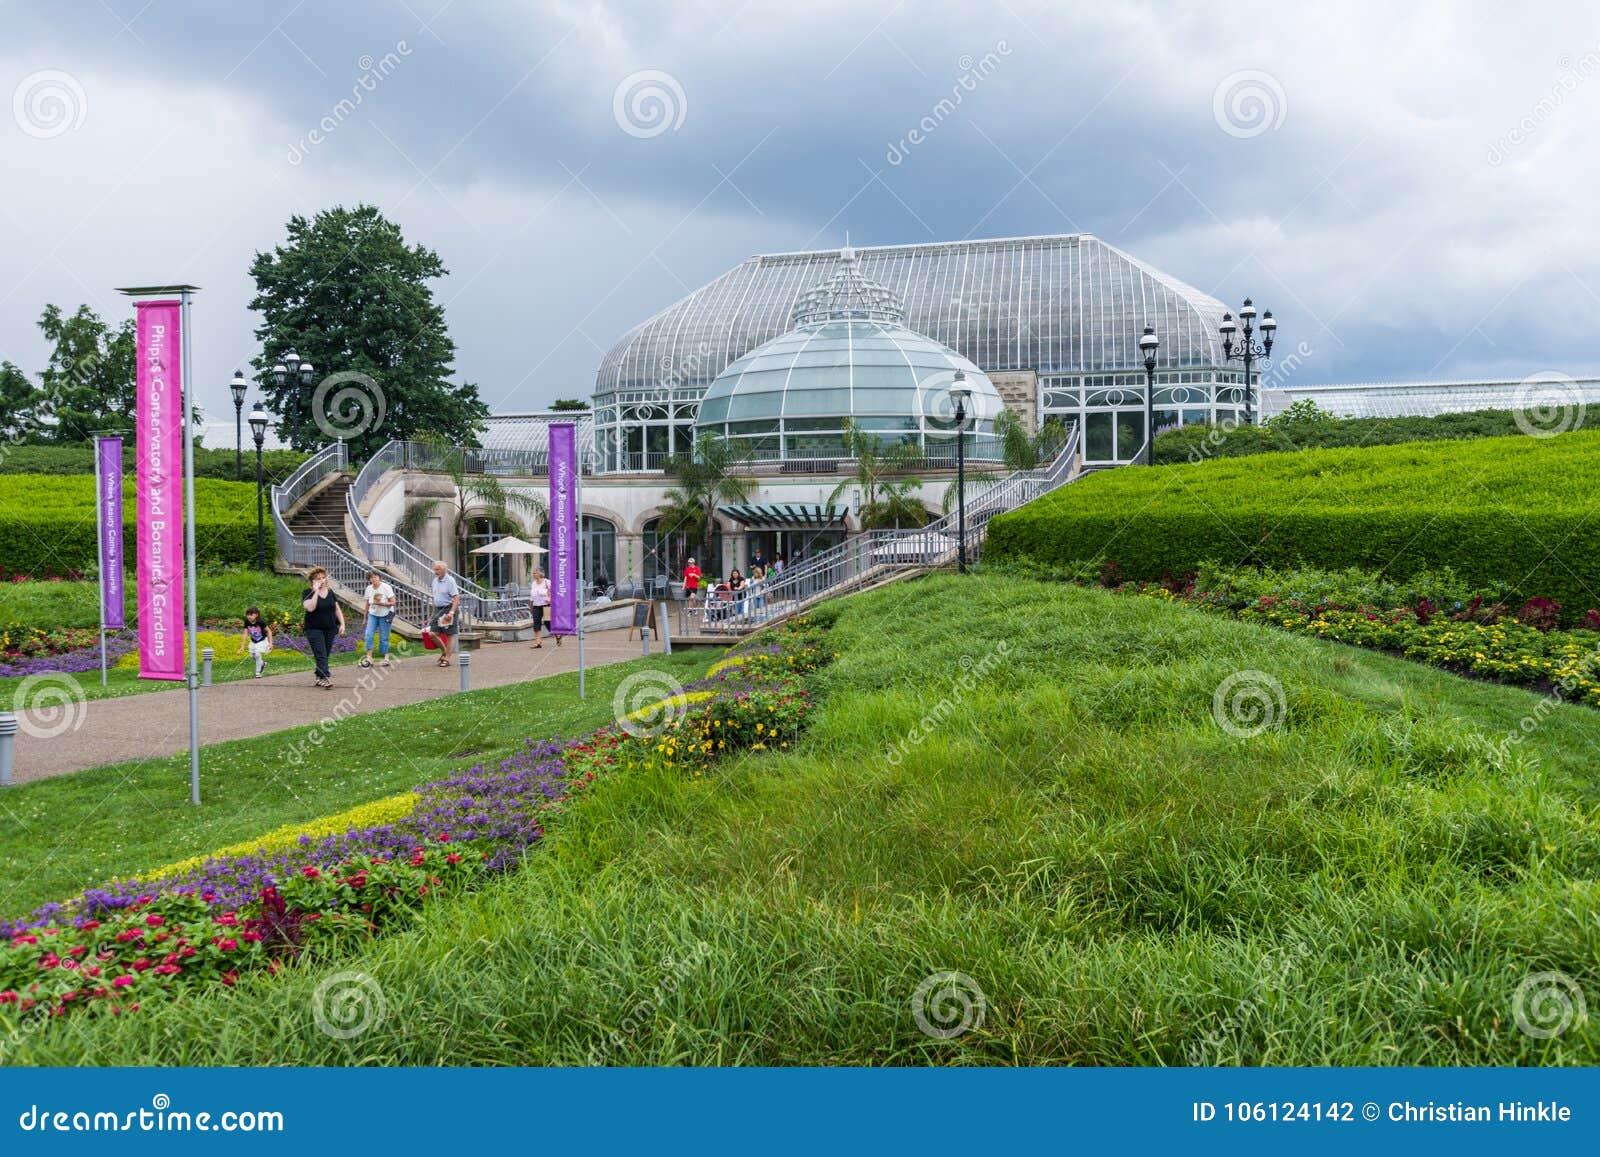 Schenley park Obok Pittsburgh stanu uniwersyteta w Pittsburgh,